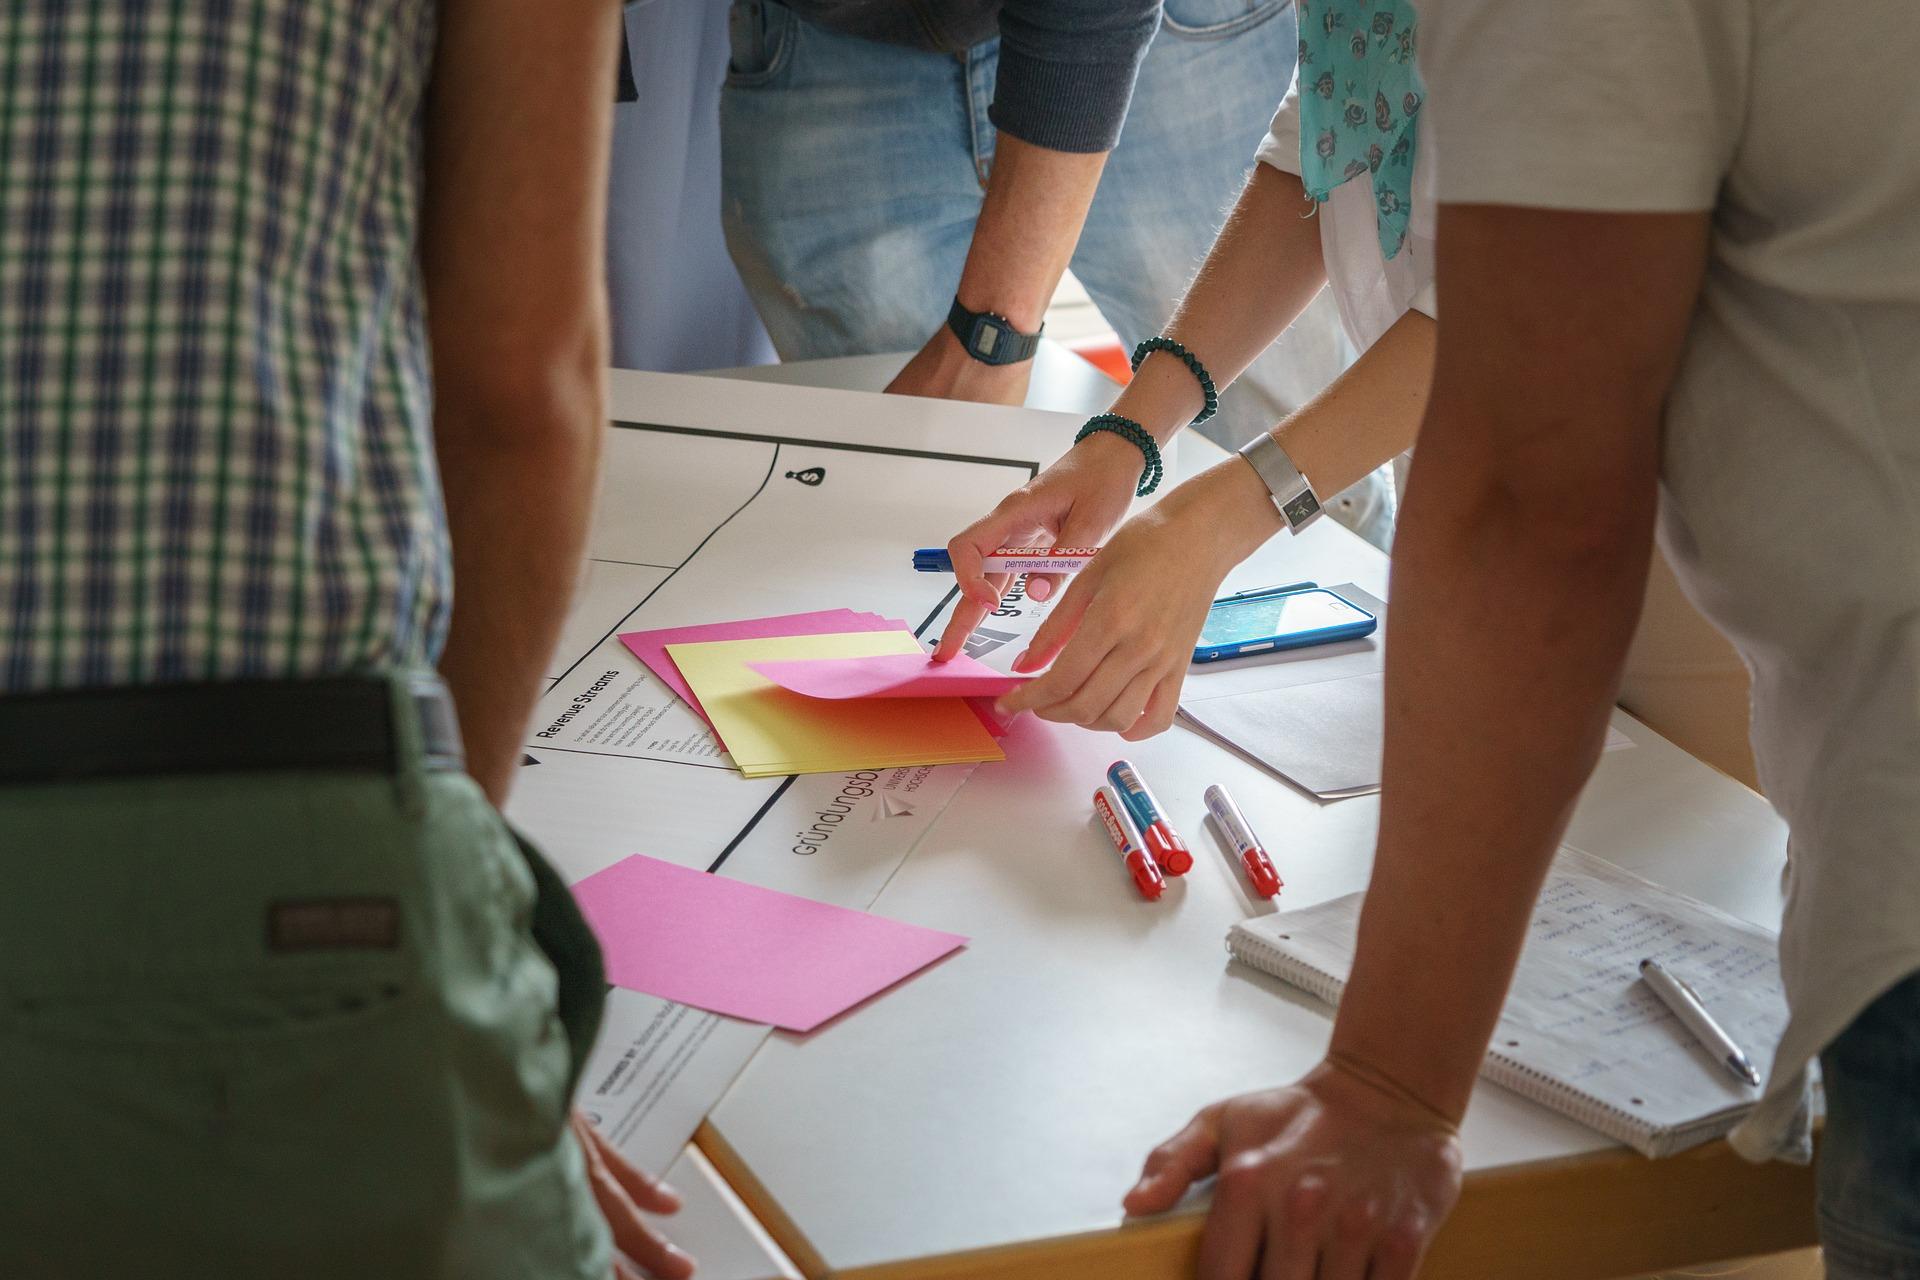 Le design thinking ou conception créative c'est quoi ?